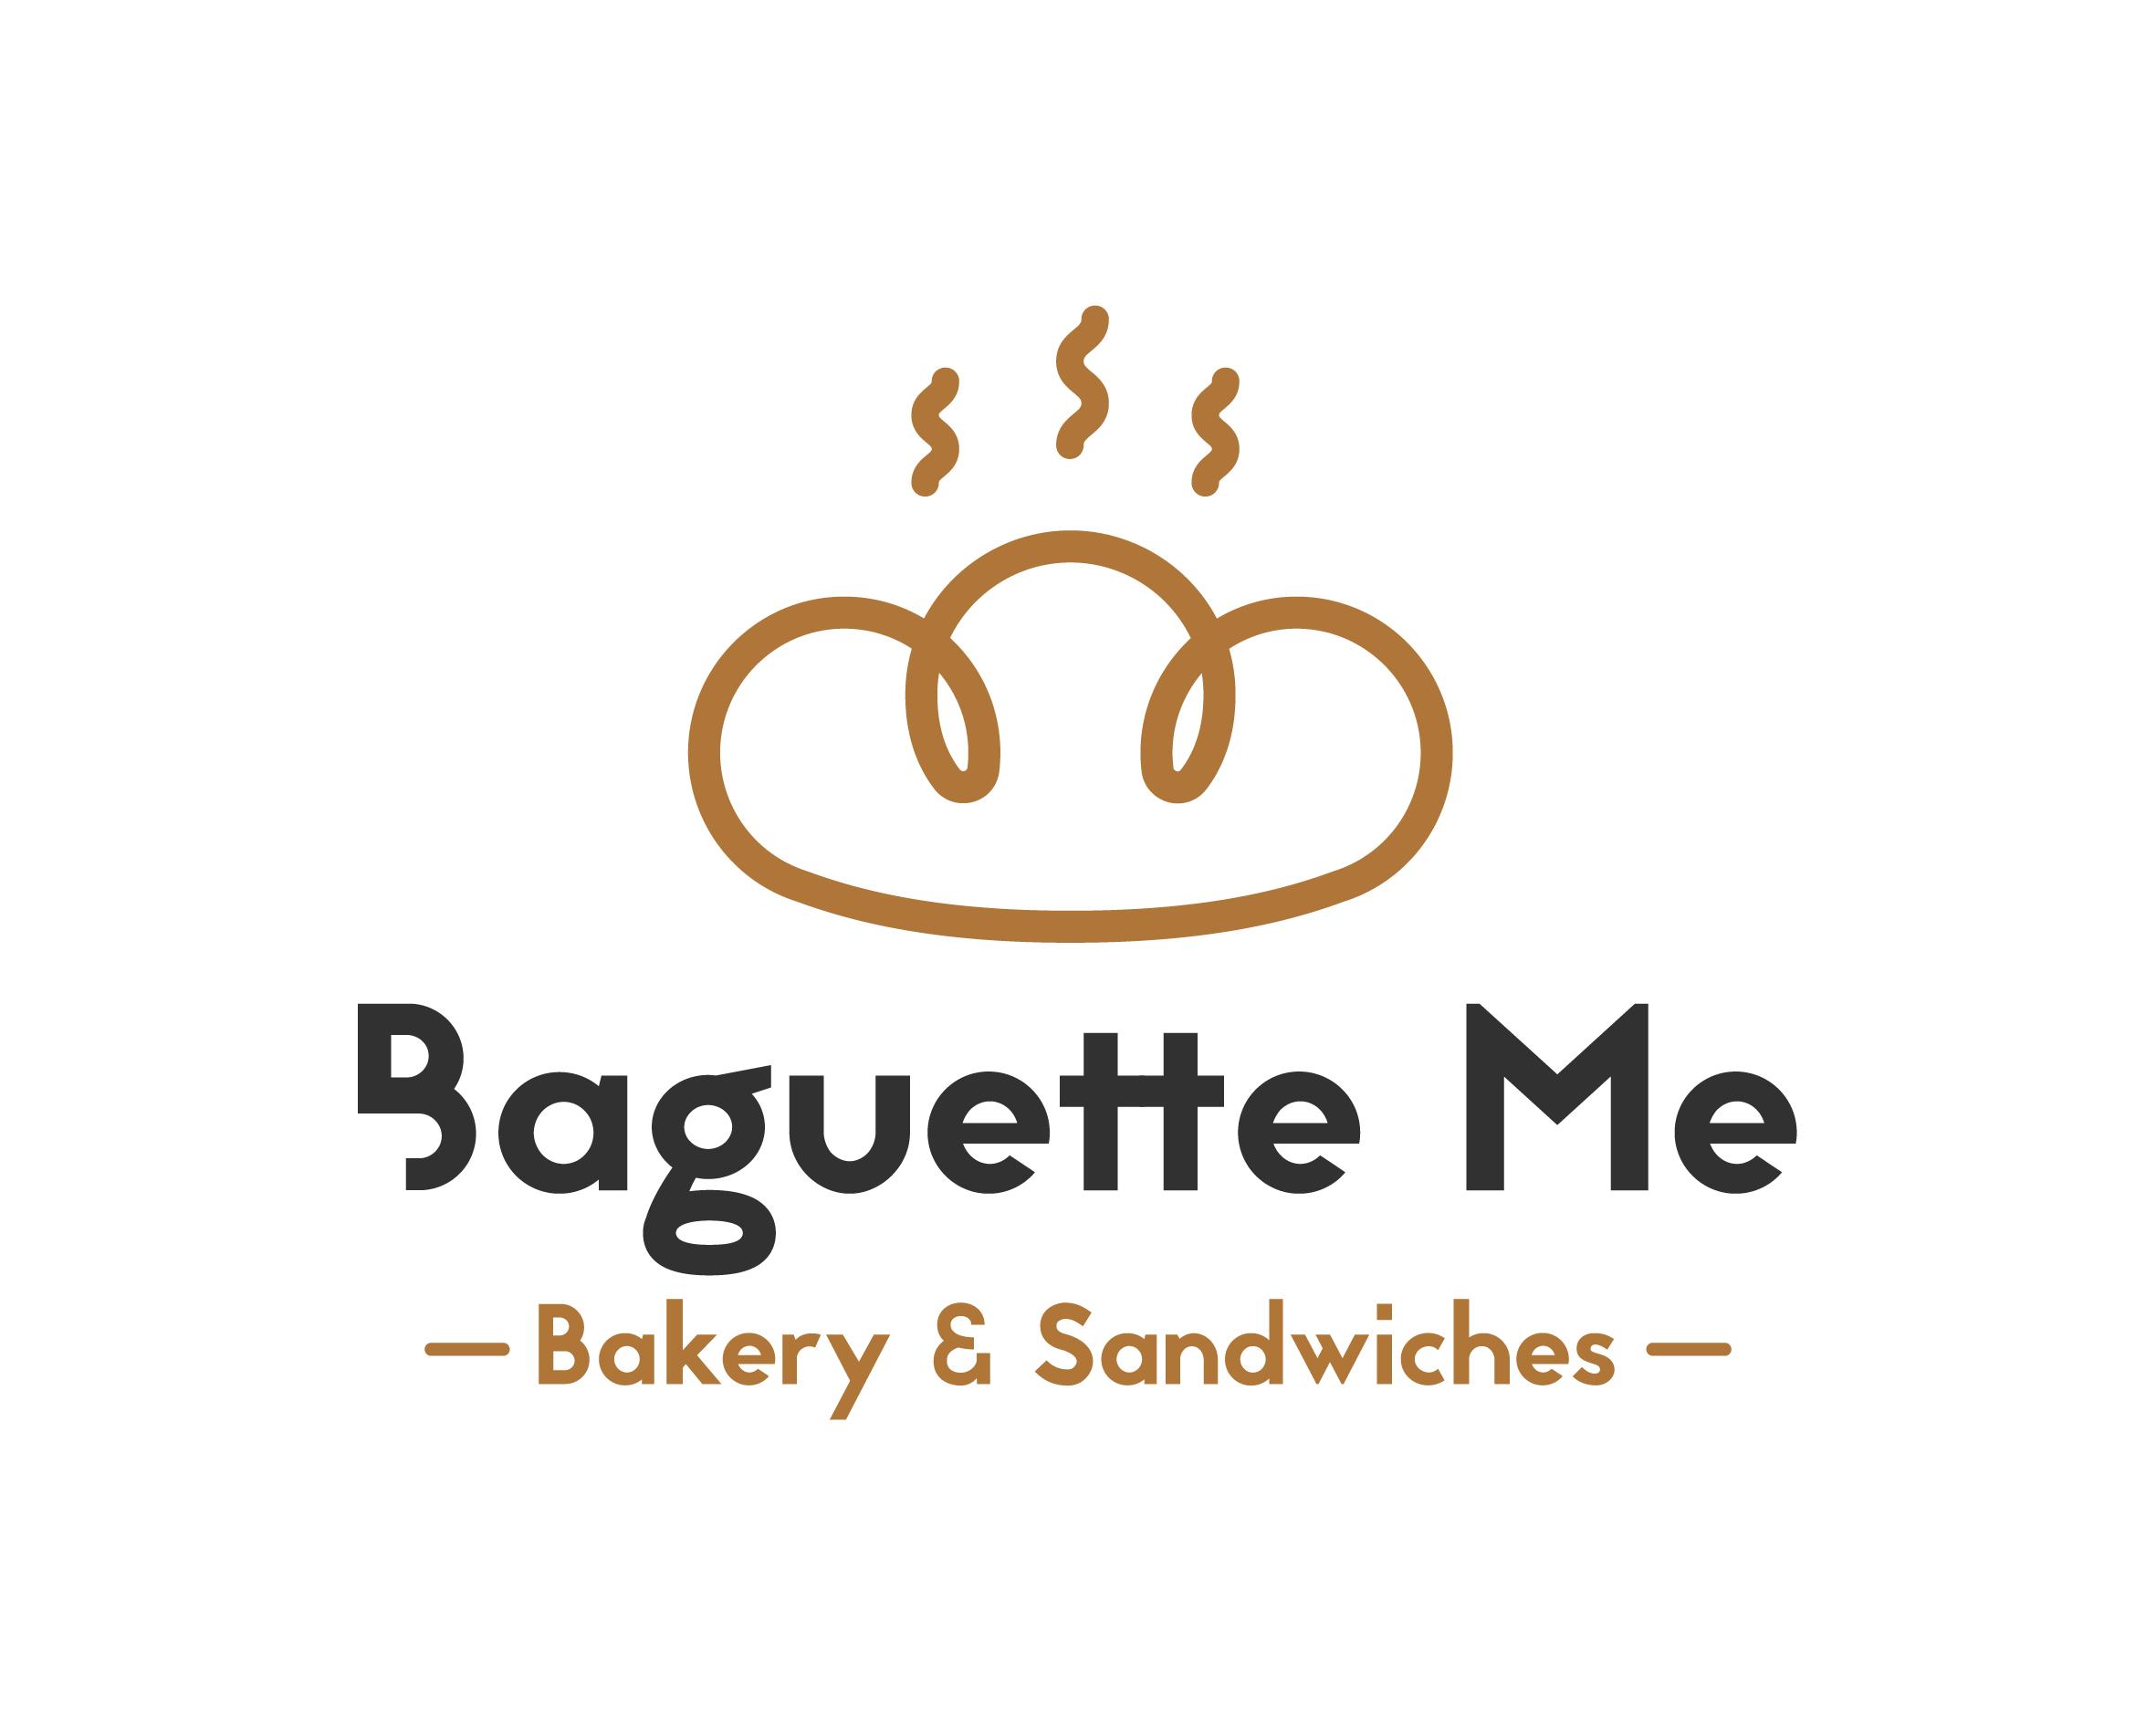 Diseño del logo de Baguette Me